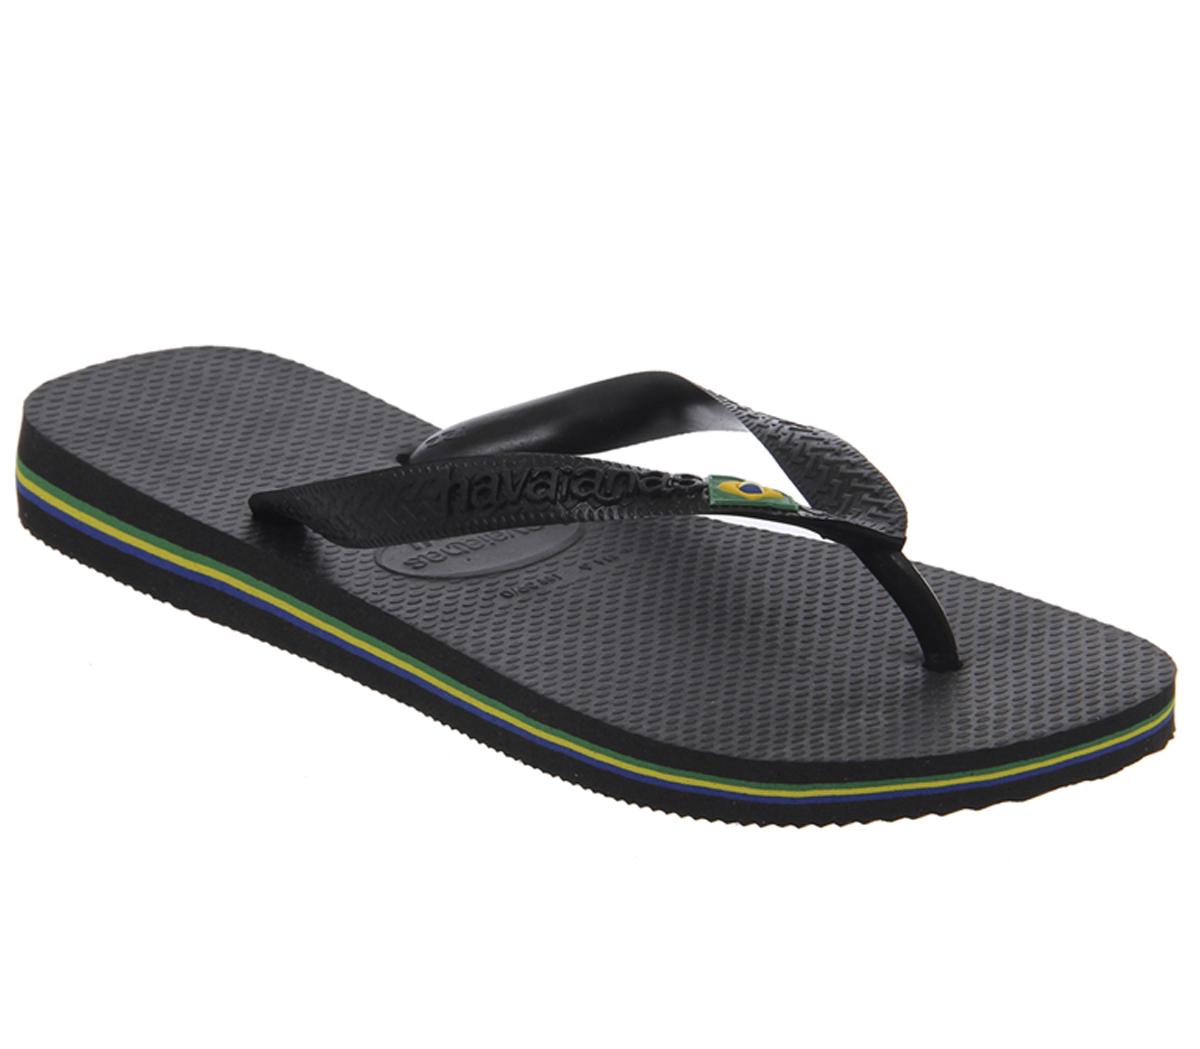 96cb43c2e Womens-Havaianas-Brazil-Flip-Flop-Black-Rubber-Sandals thumbnail